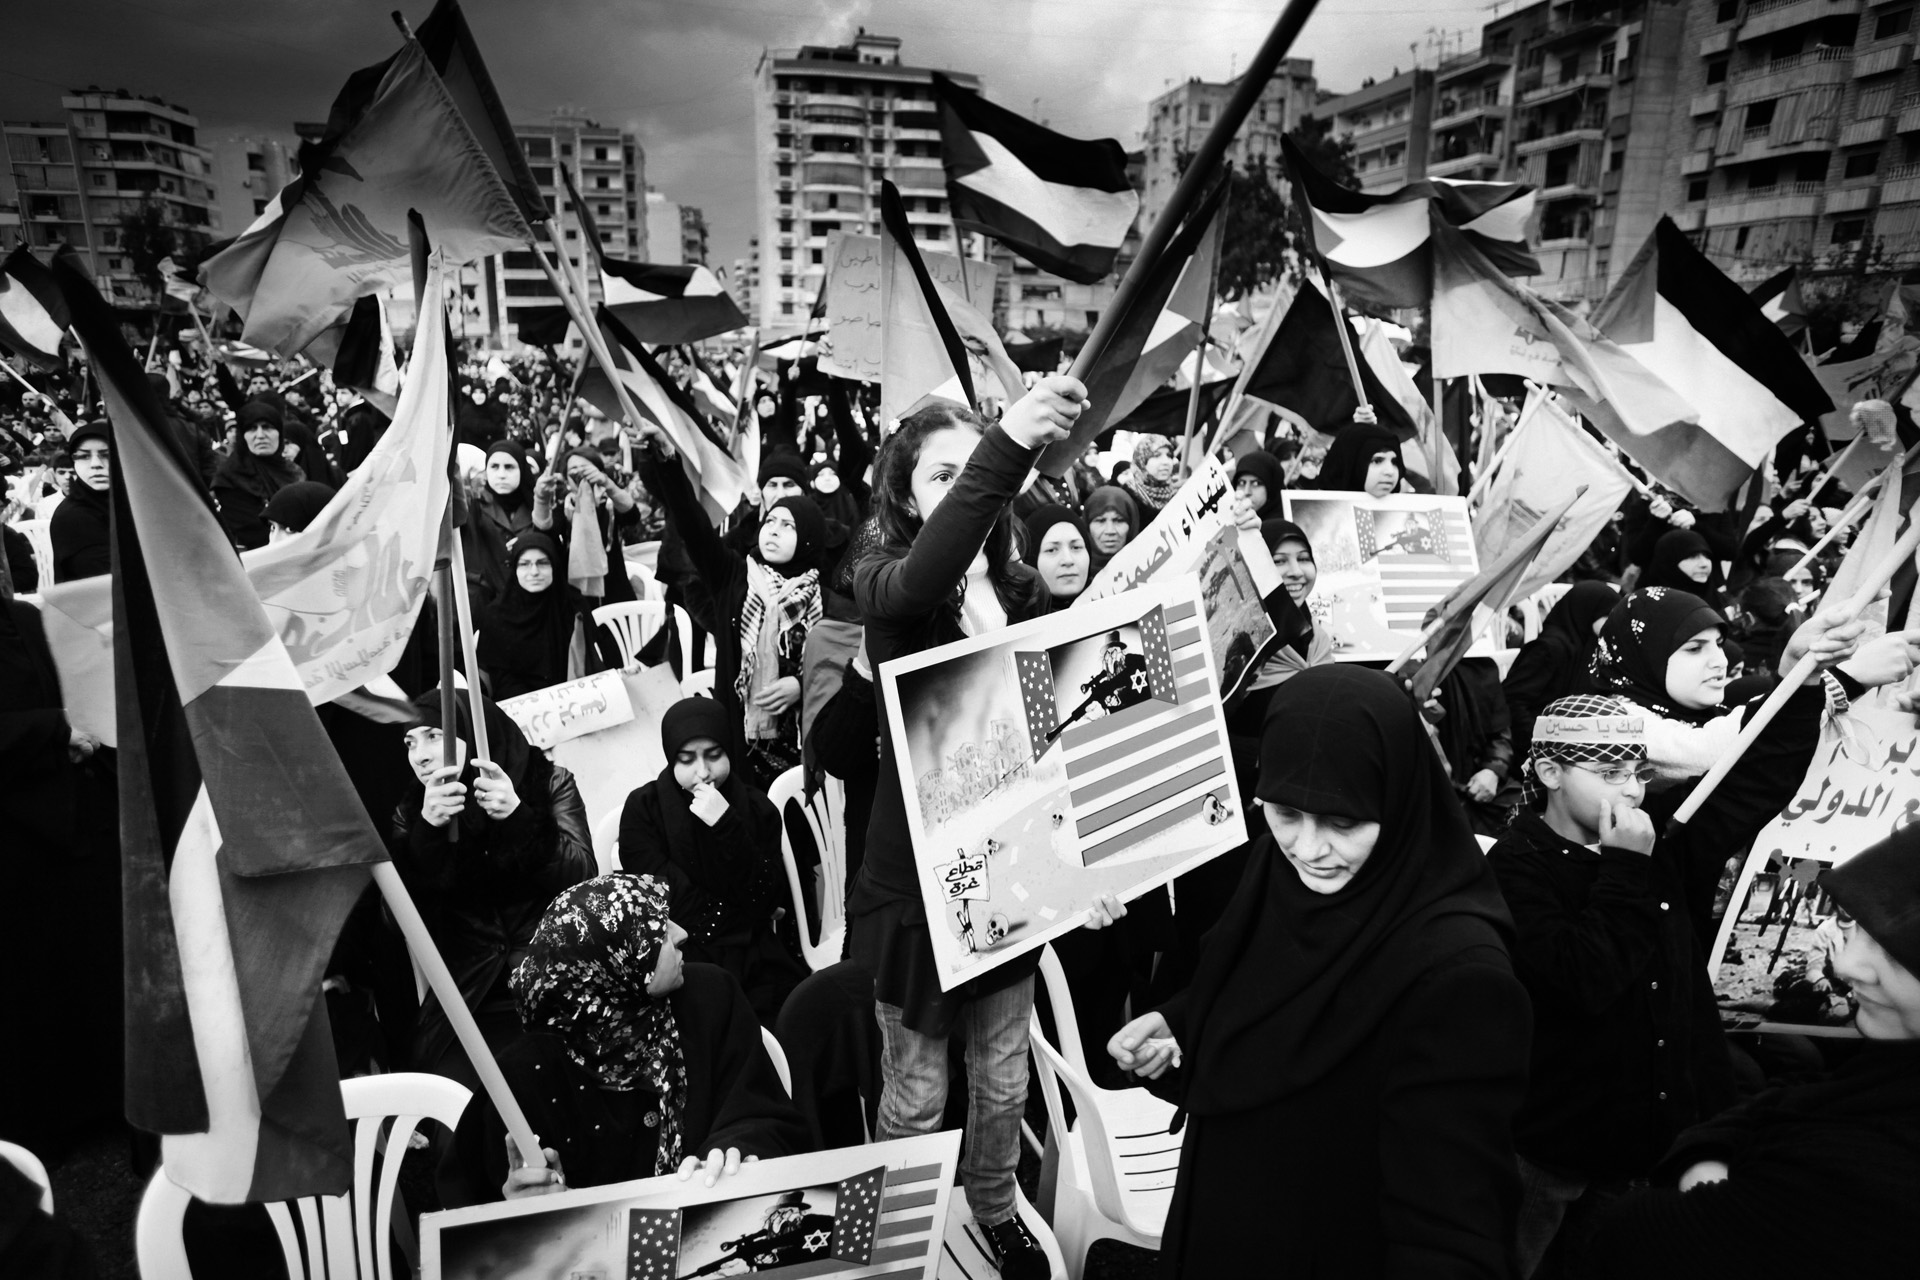 Rassemblement de femmes membres du Hezbollah pour protester contre l'opération israélienne contre Gaza « Plomb Durci » Beyrouth, décembre 2008